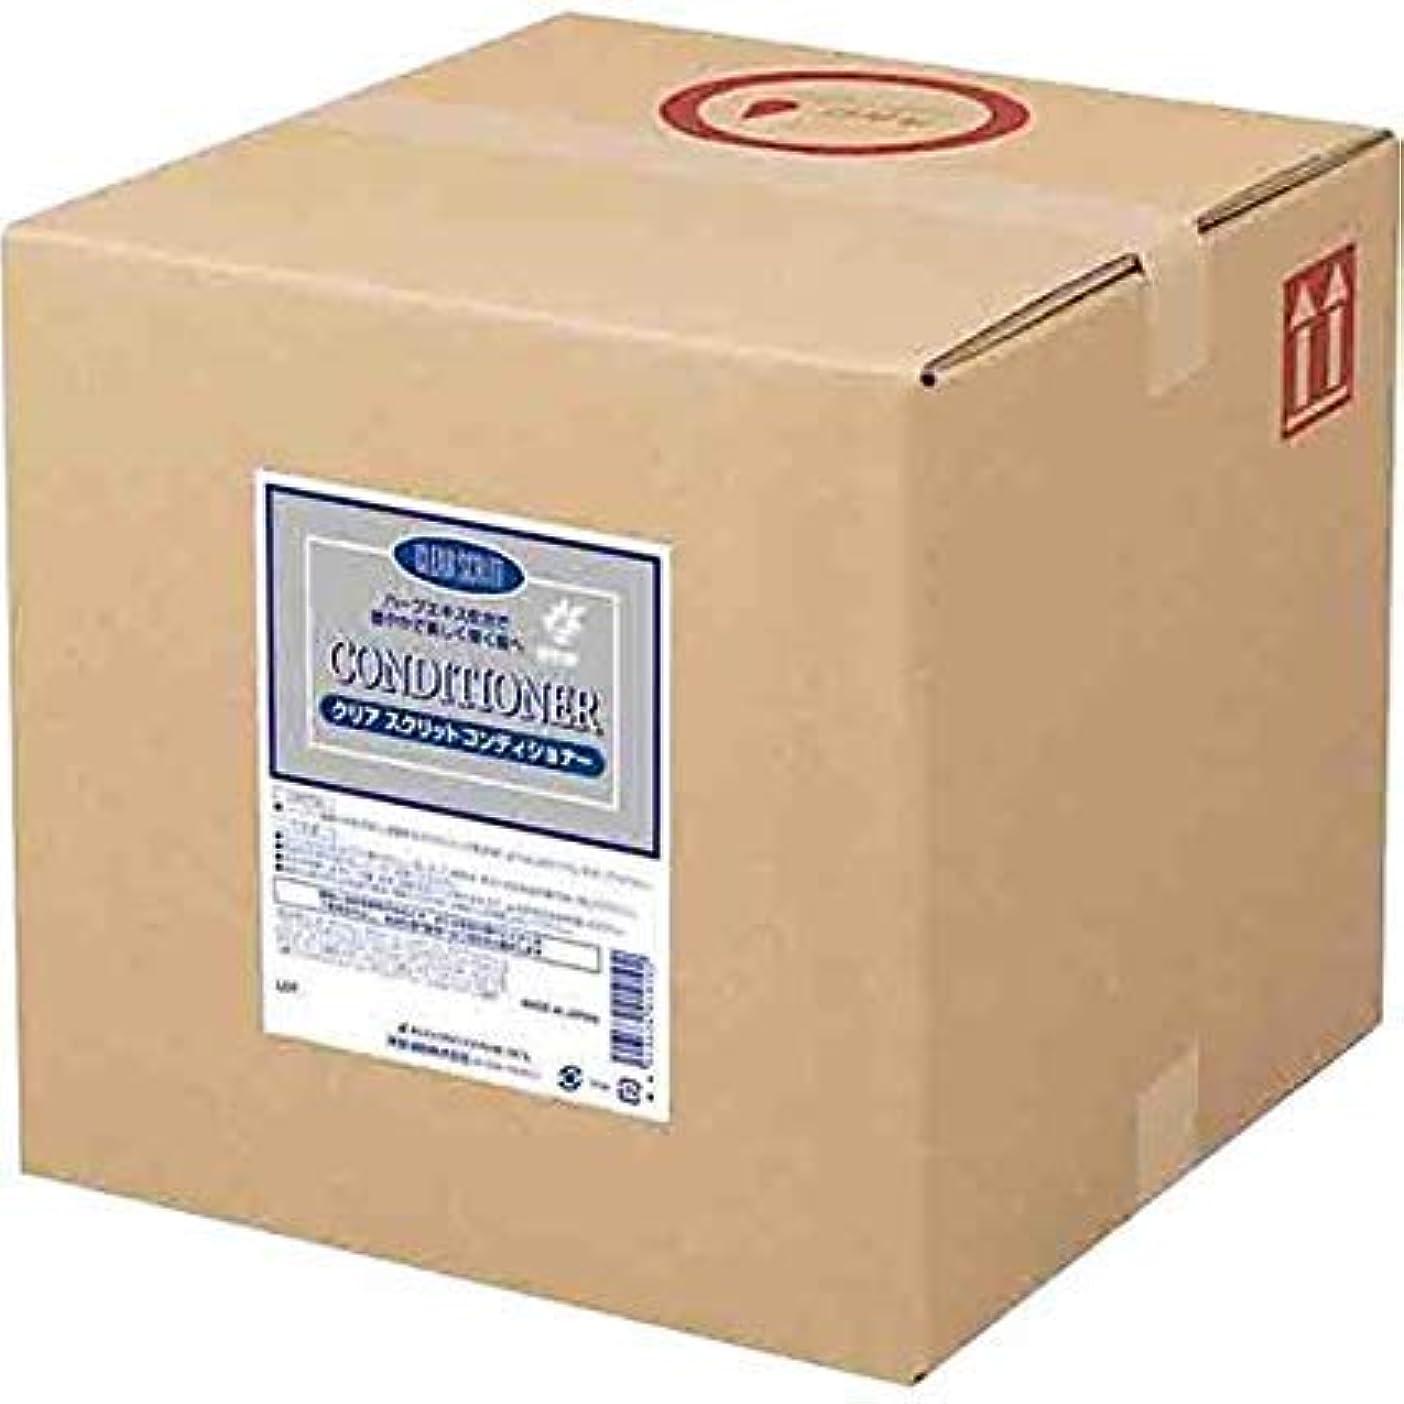 独占倉庫タンパク質業務用 クリアスクリット コンディショナー 18L 熊野油脂 (コック付き)